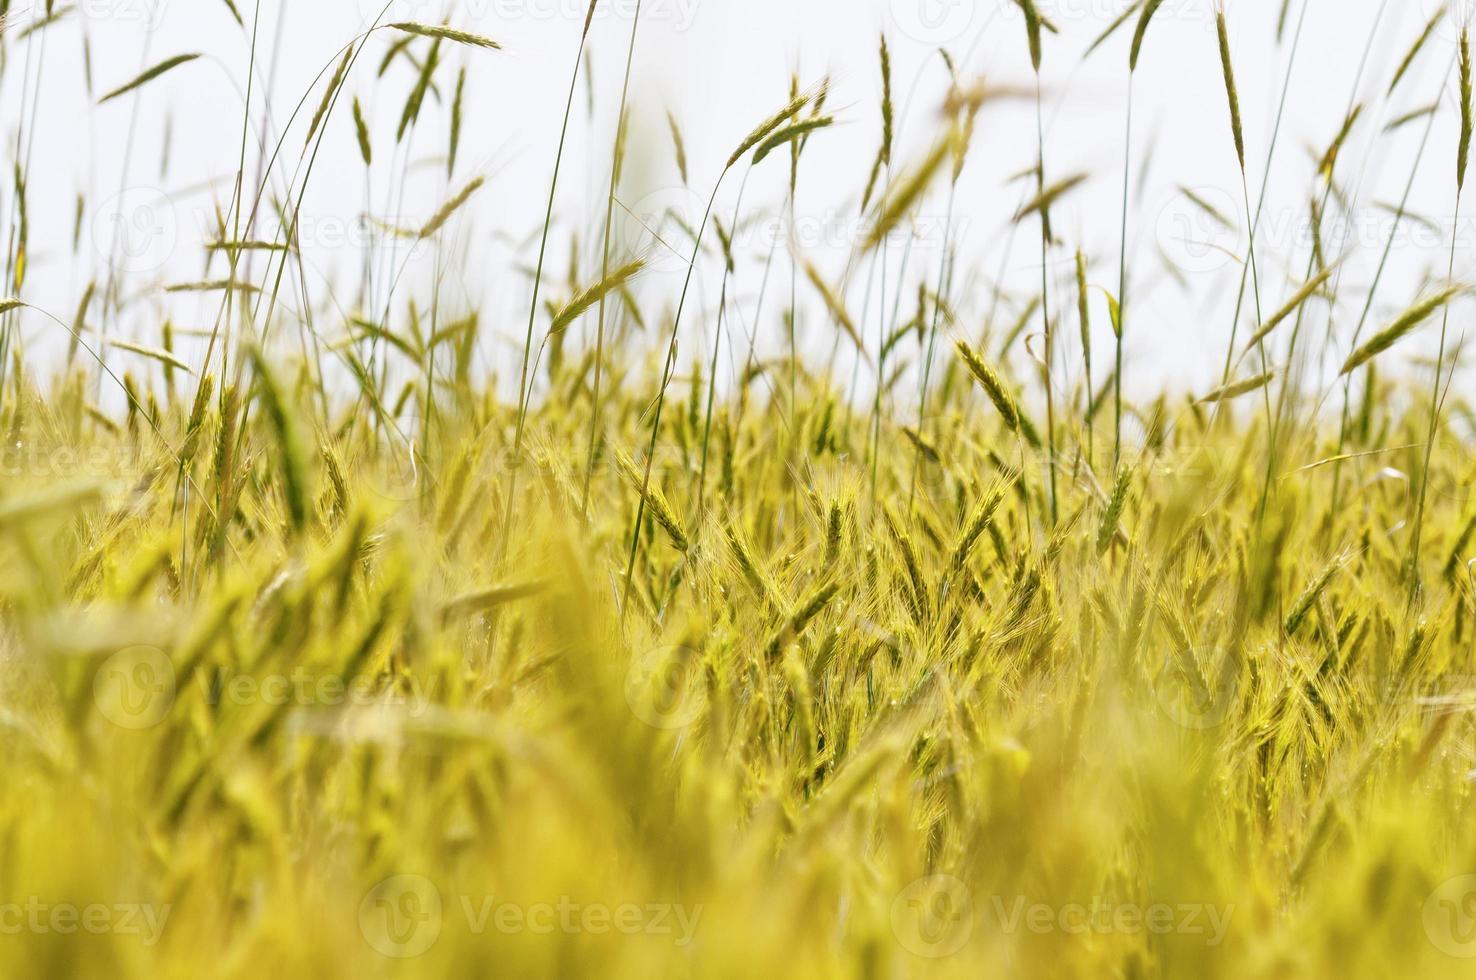 grünes Weizendetail foto